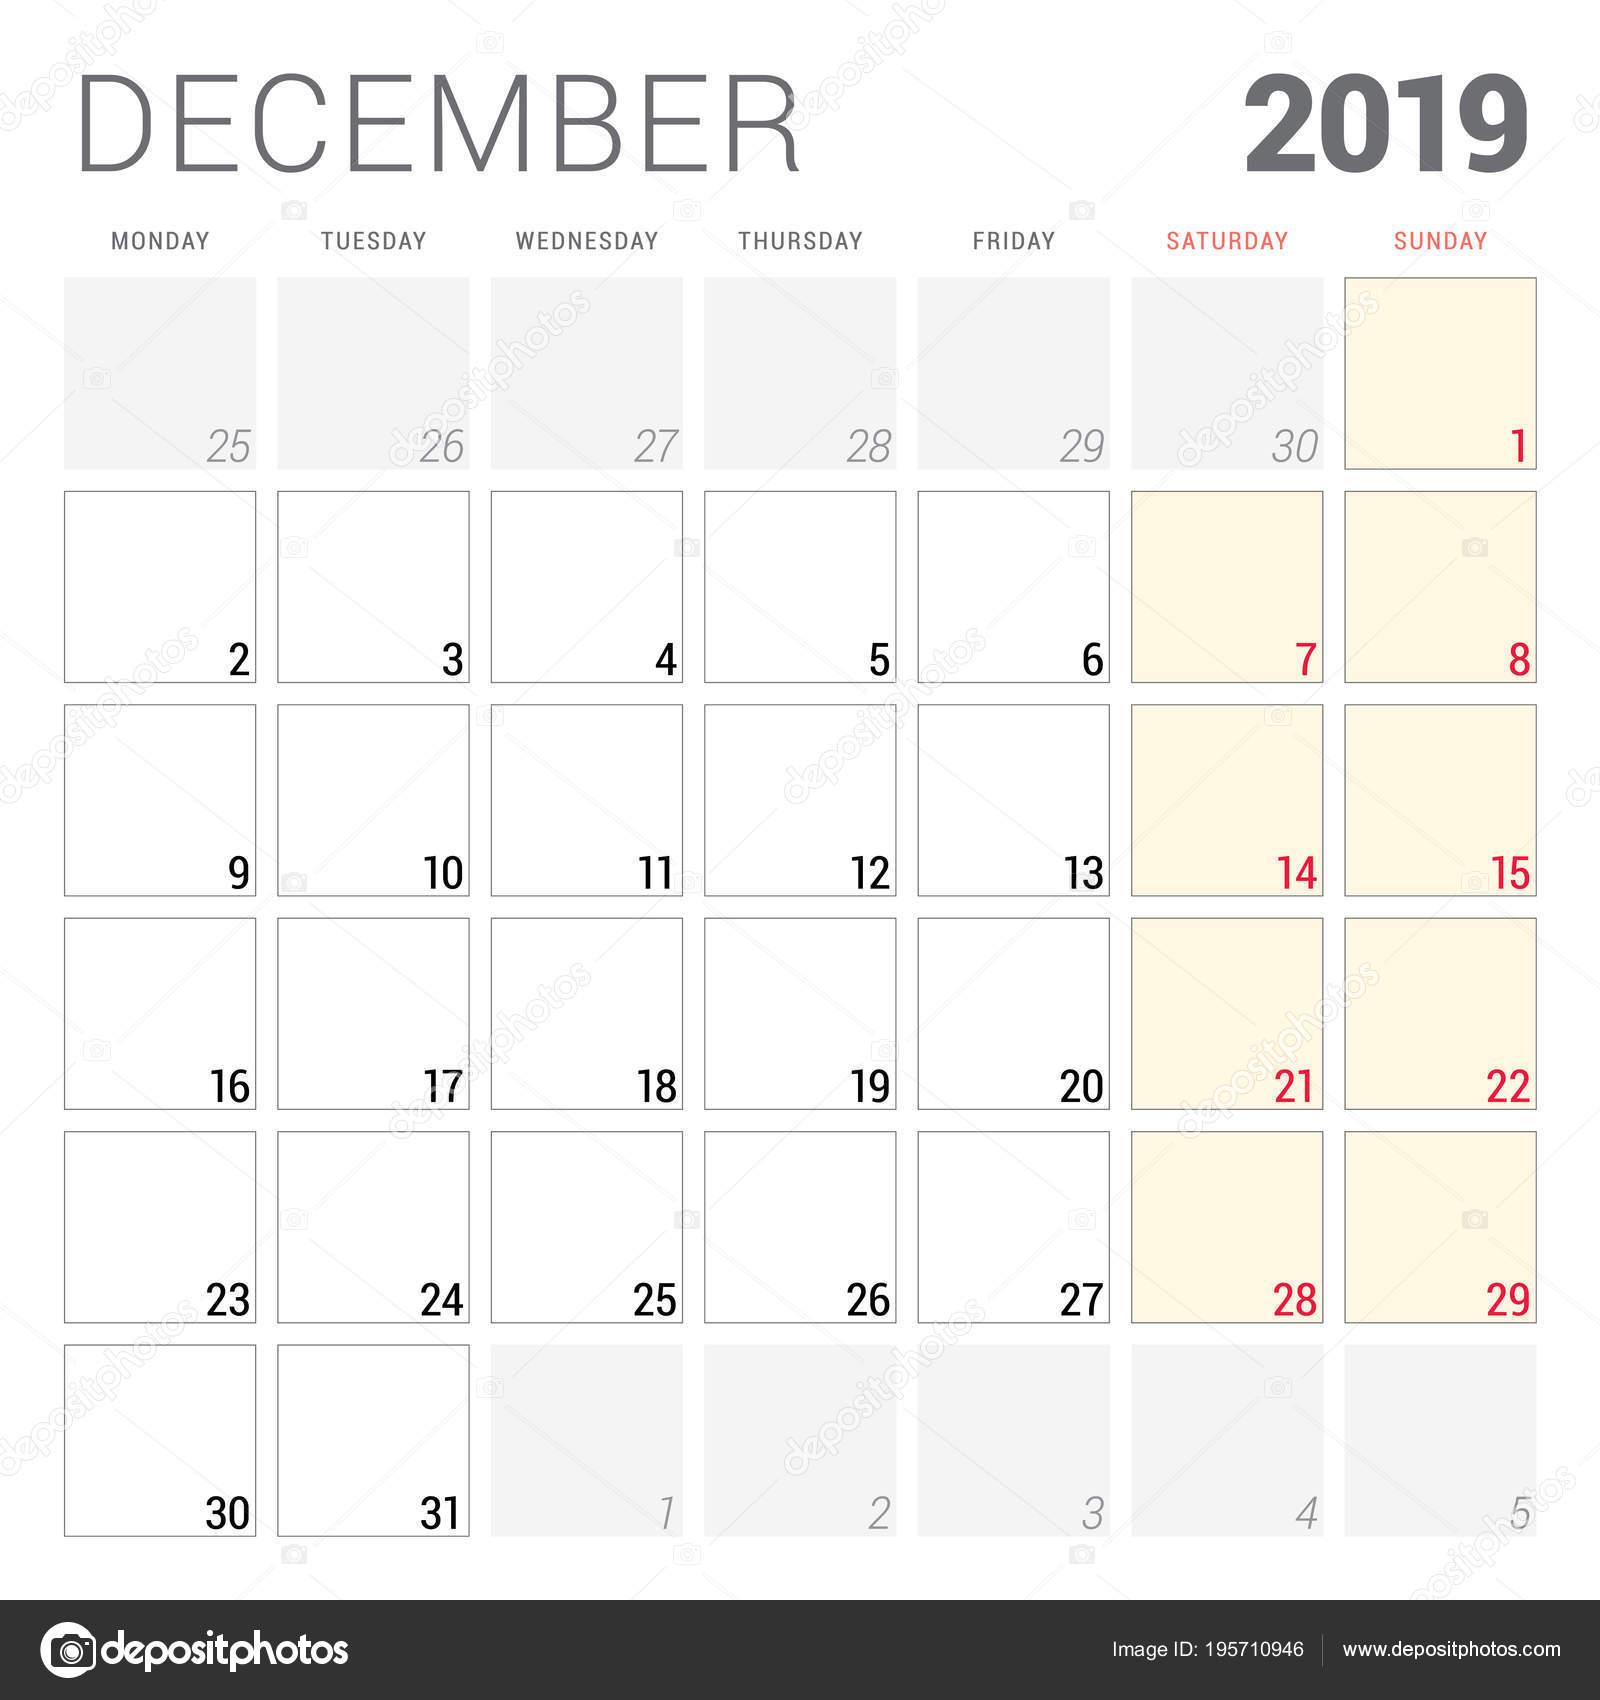 Calendario Dicembre 2019 Stampabile.Calendario Planner Per Dicembre 2019 Settimana Inizia Il